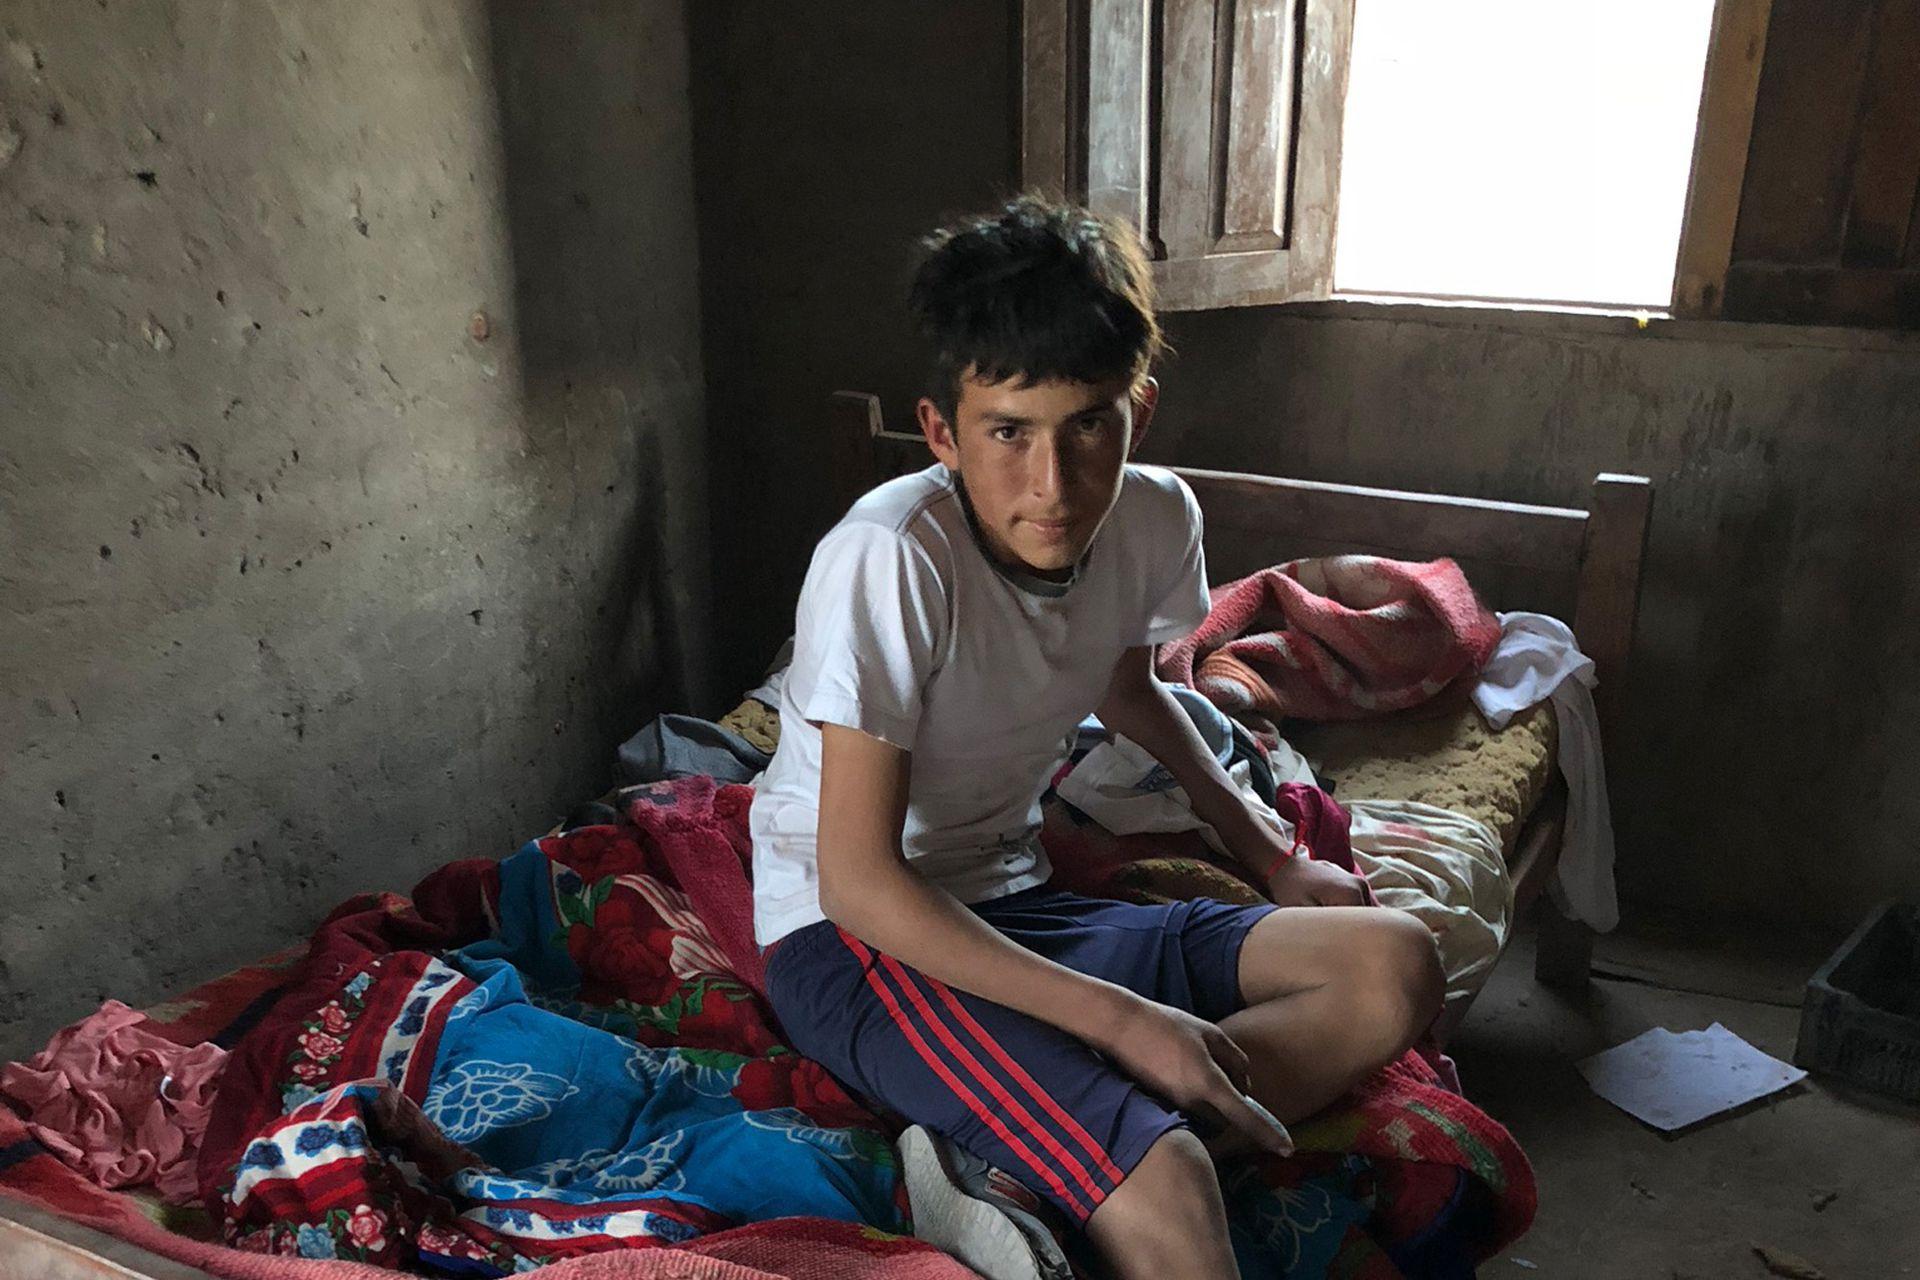 Nilo Romero tiene 14 años y todos los días dormía, espalda con espalda, con uno de sus hermanos en una cama de una plaza. Gracias a las donaciones de la audiencia, logró cumplir su sueño de tener una cama para él solo.